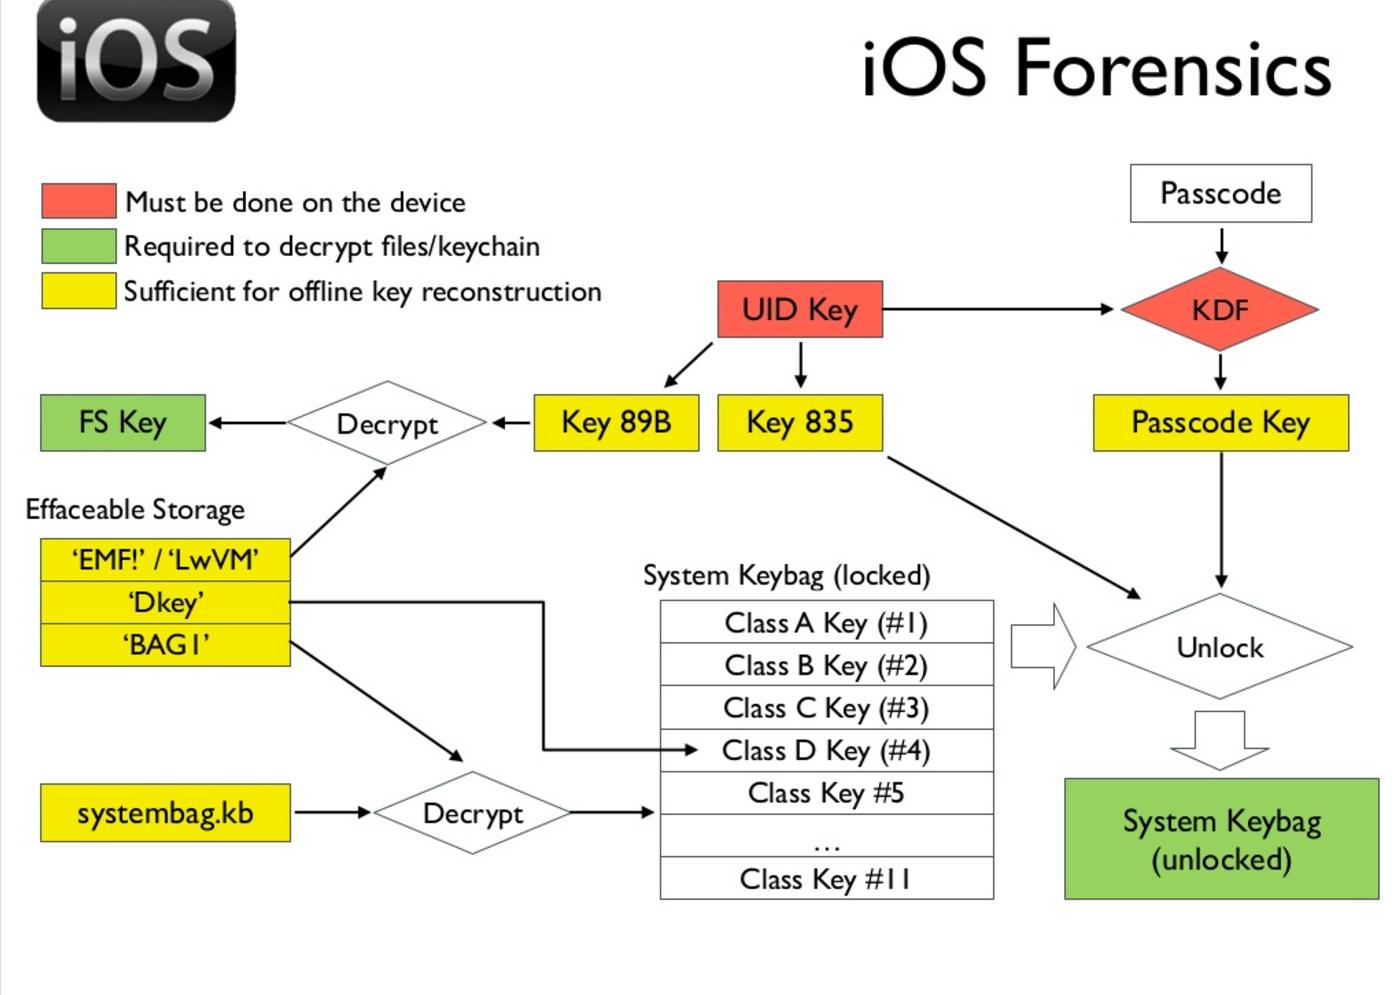 Демонстрация брутфорса пароля iPhone 5c c зеркалированием флэш-памяти